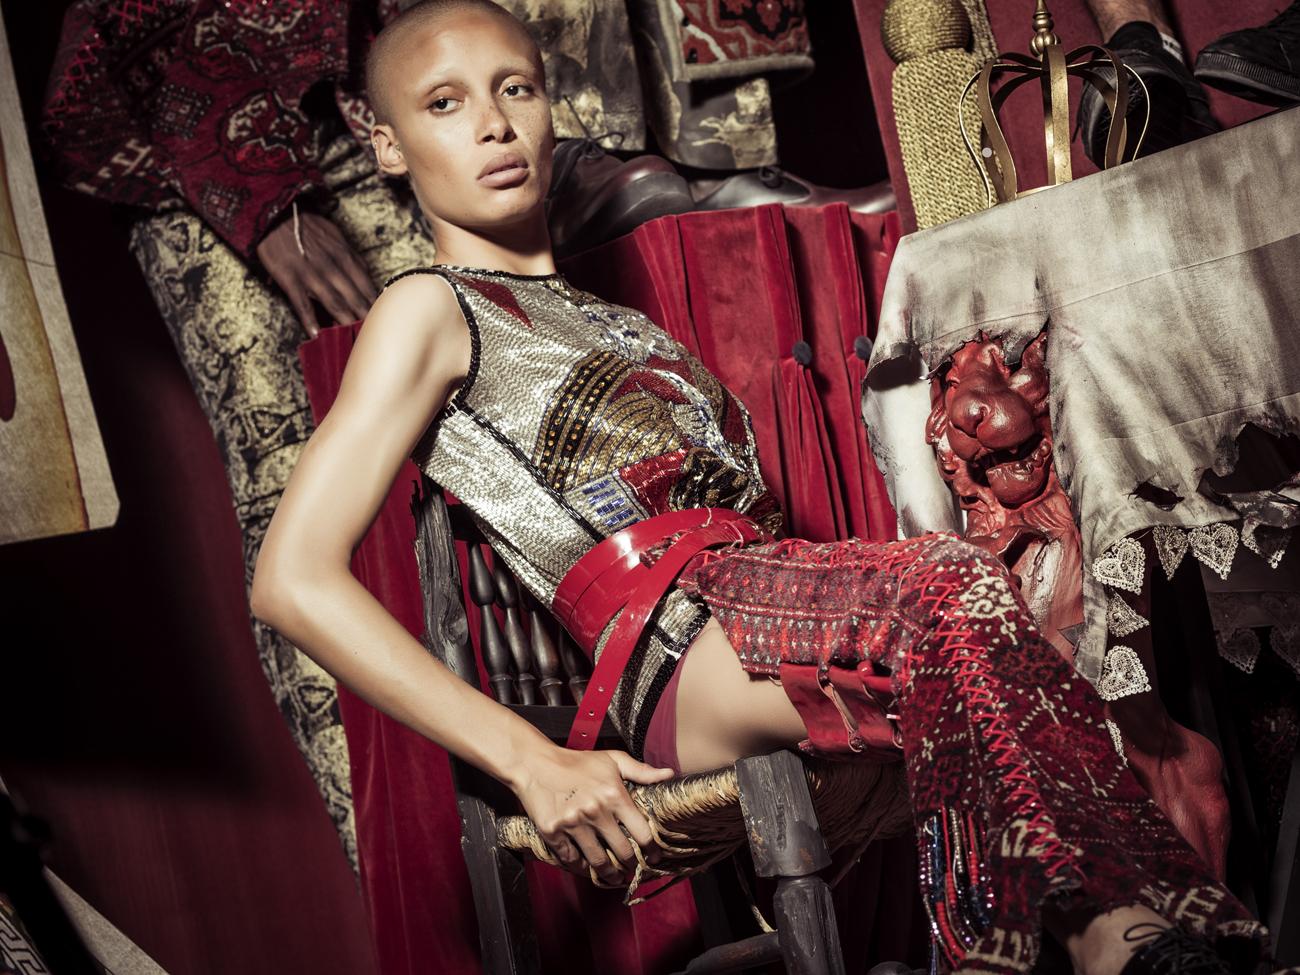 Британская модель Адвоа Абоах сыграла в календаре Pirelli персонажа по имени Труляля (Tweedledee)